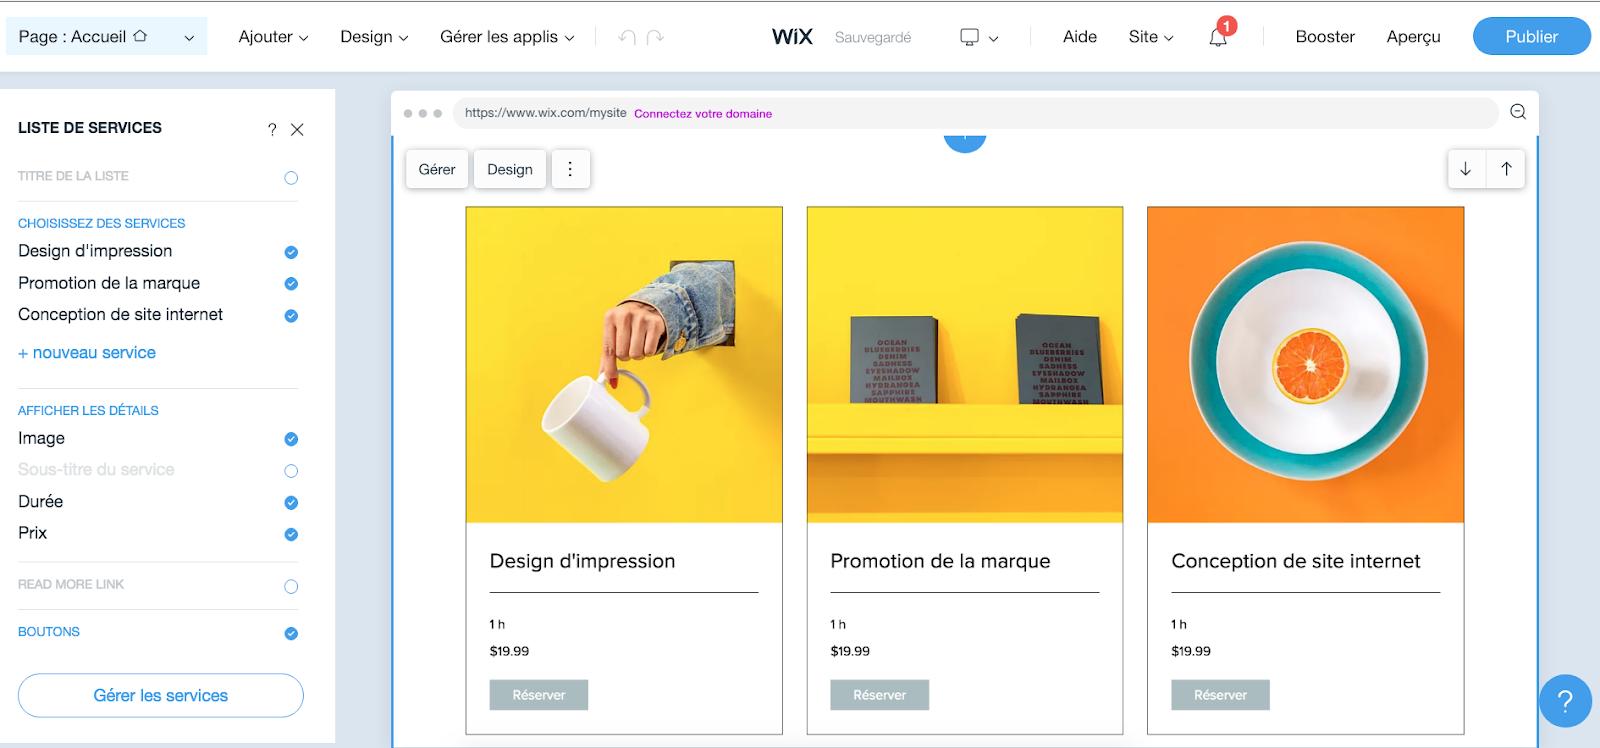 Personnaliser votre site Wix